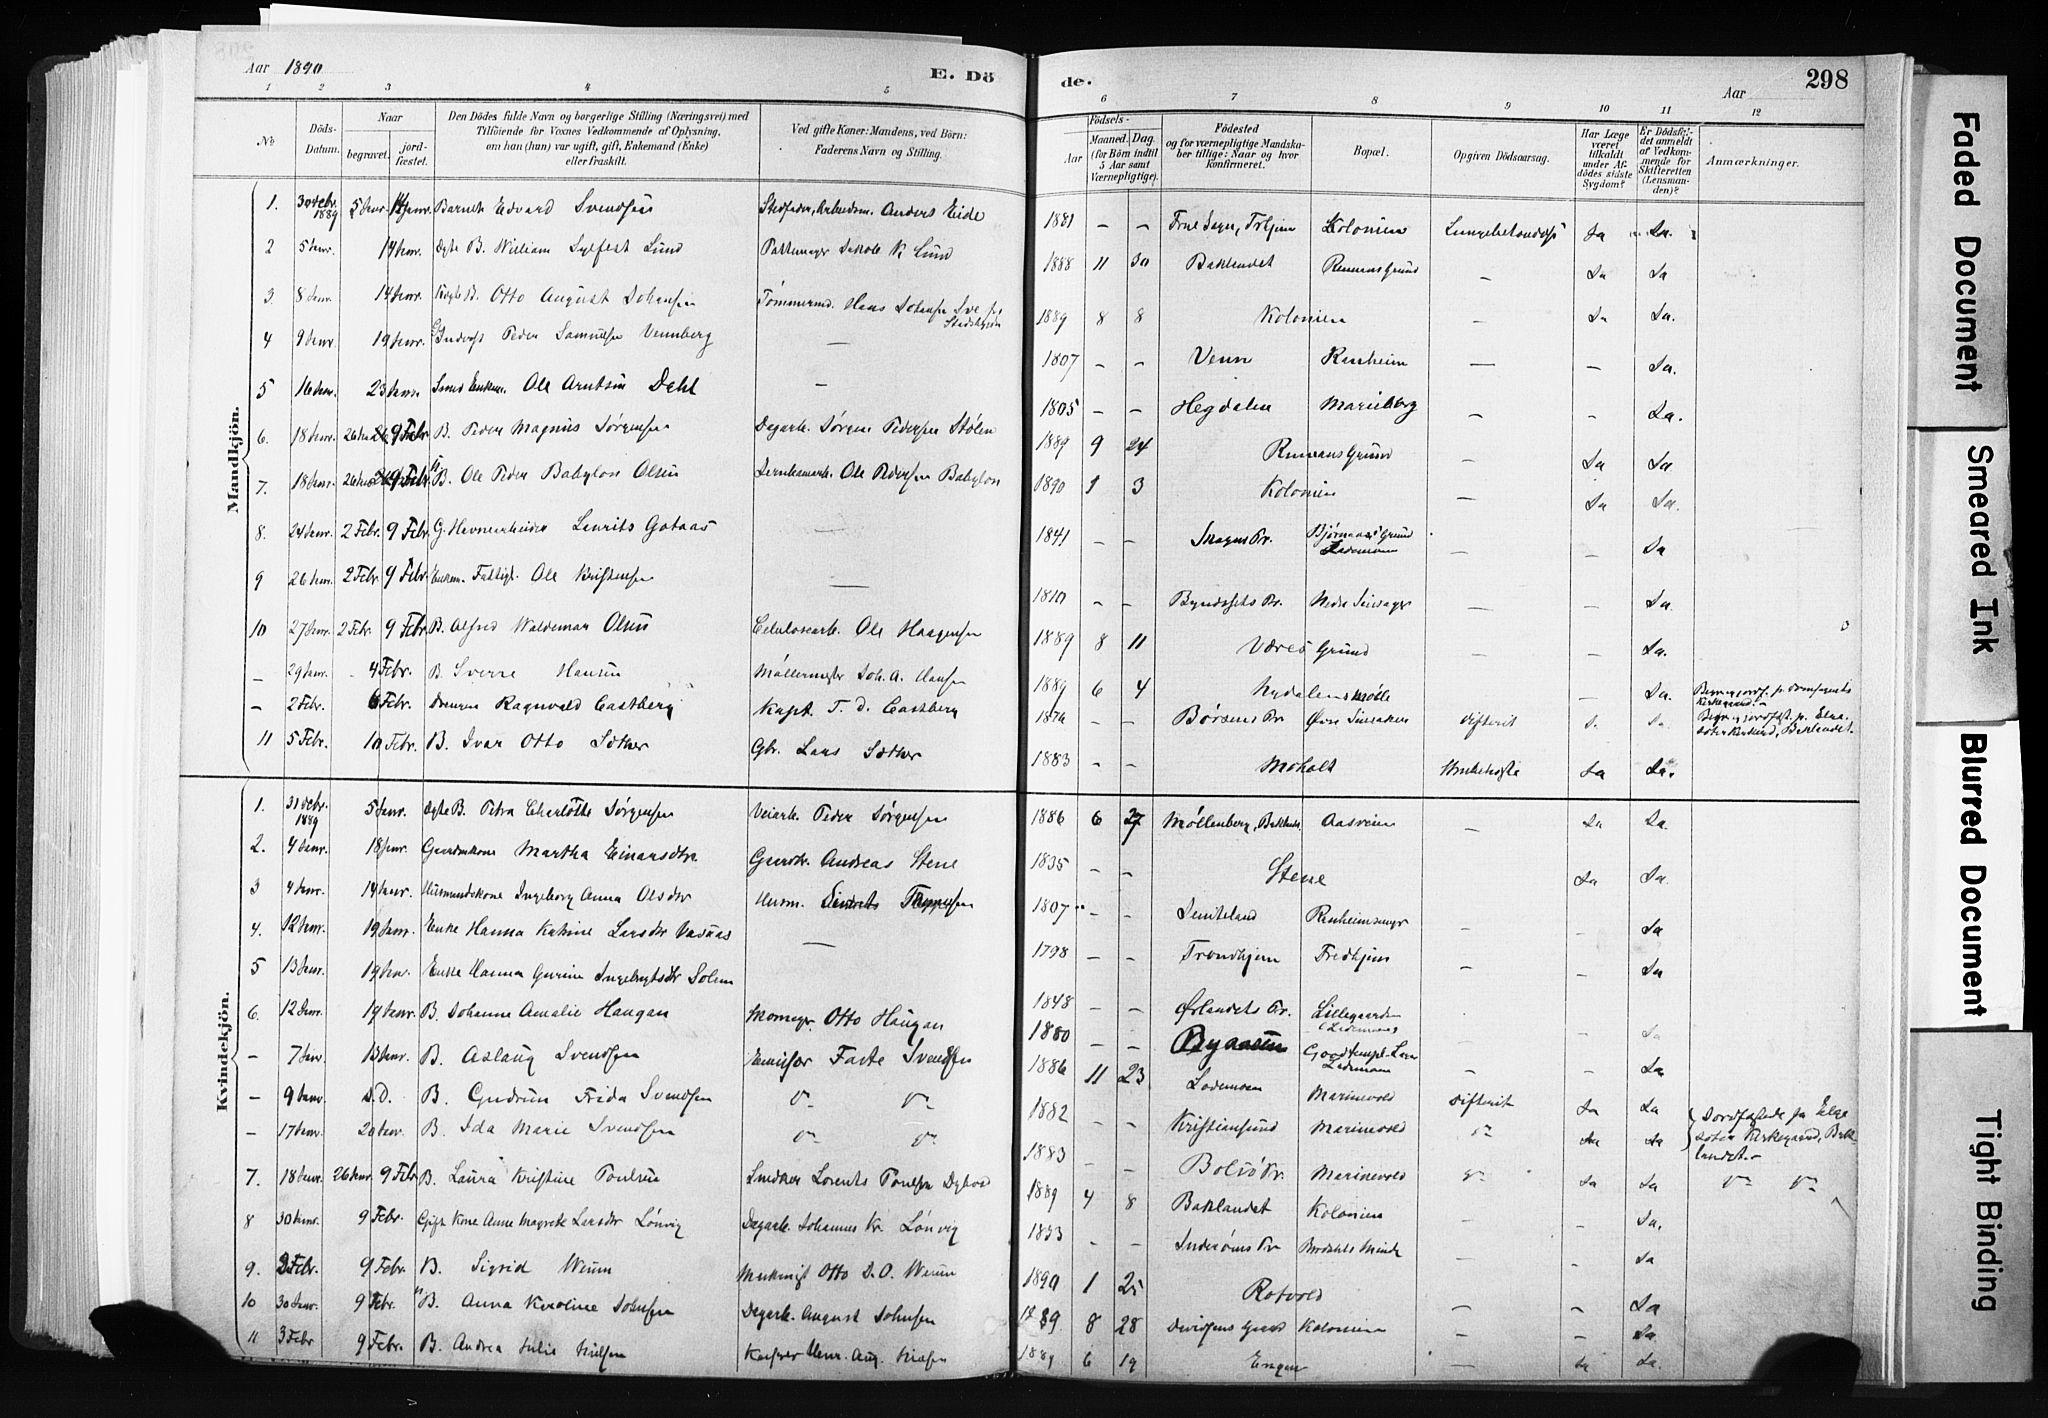 SAT, Ministerialprotokoller, klokkerbøker og fødselsregistre - Sør-Trøndelag, 606/L0300: Ministerialbok nr. 606A15, 1886-1893, s. 298